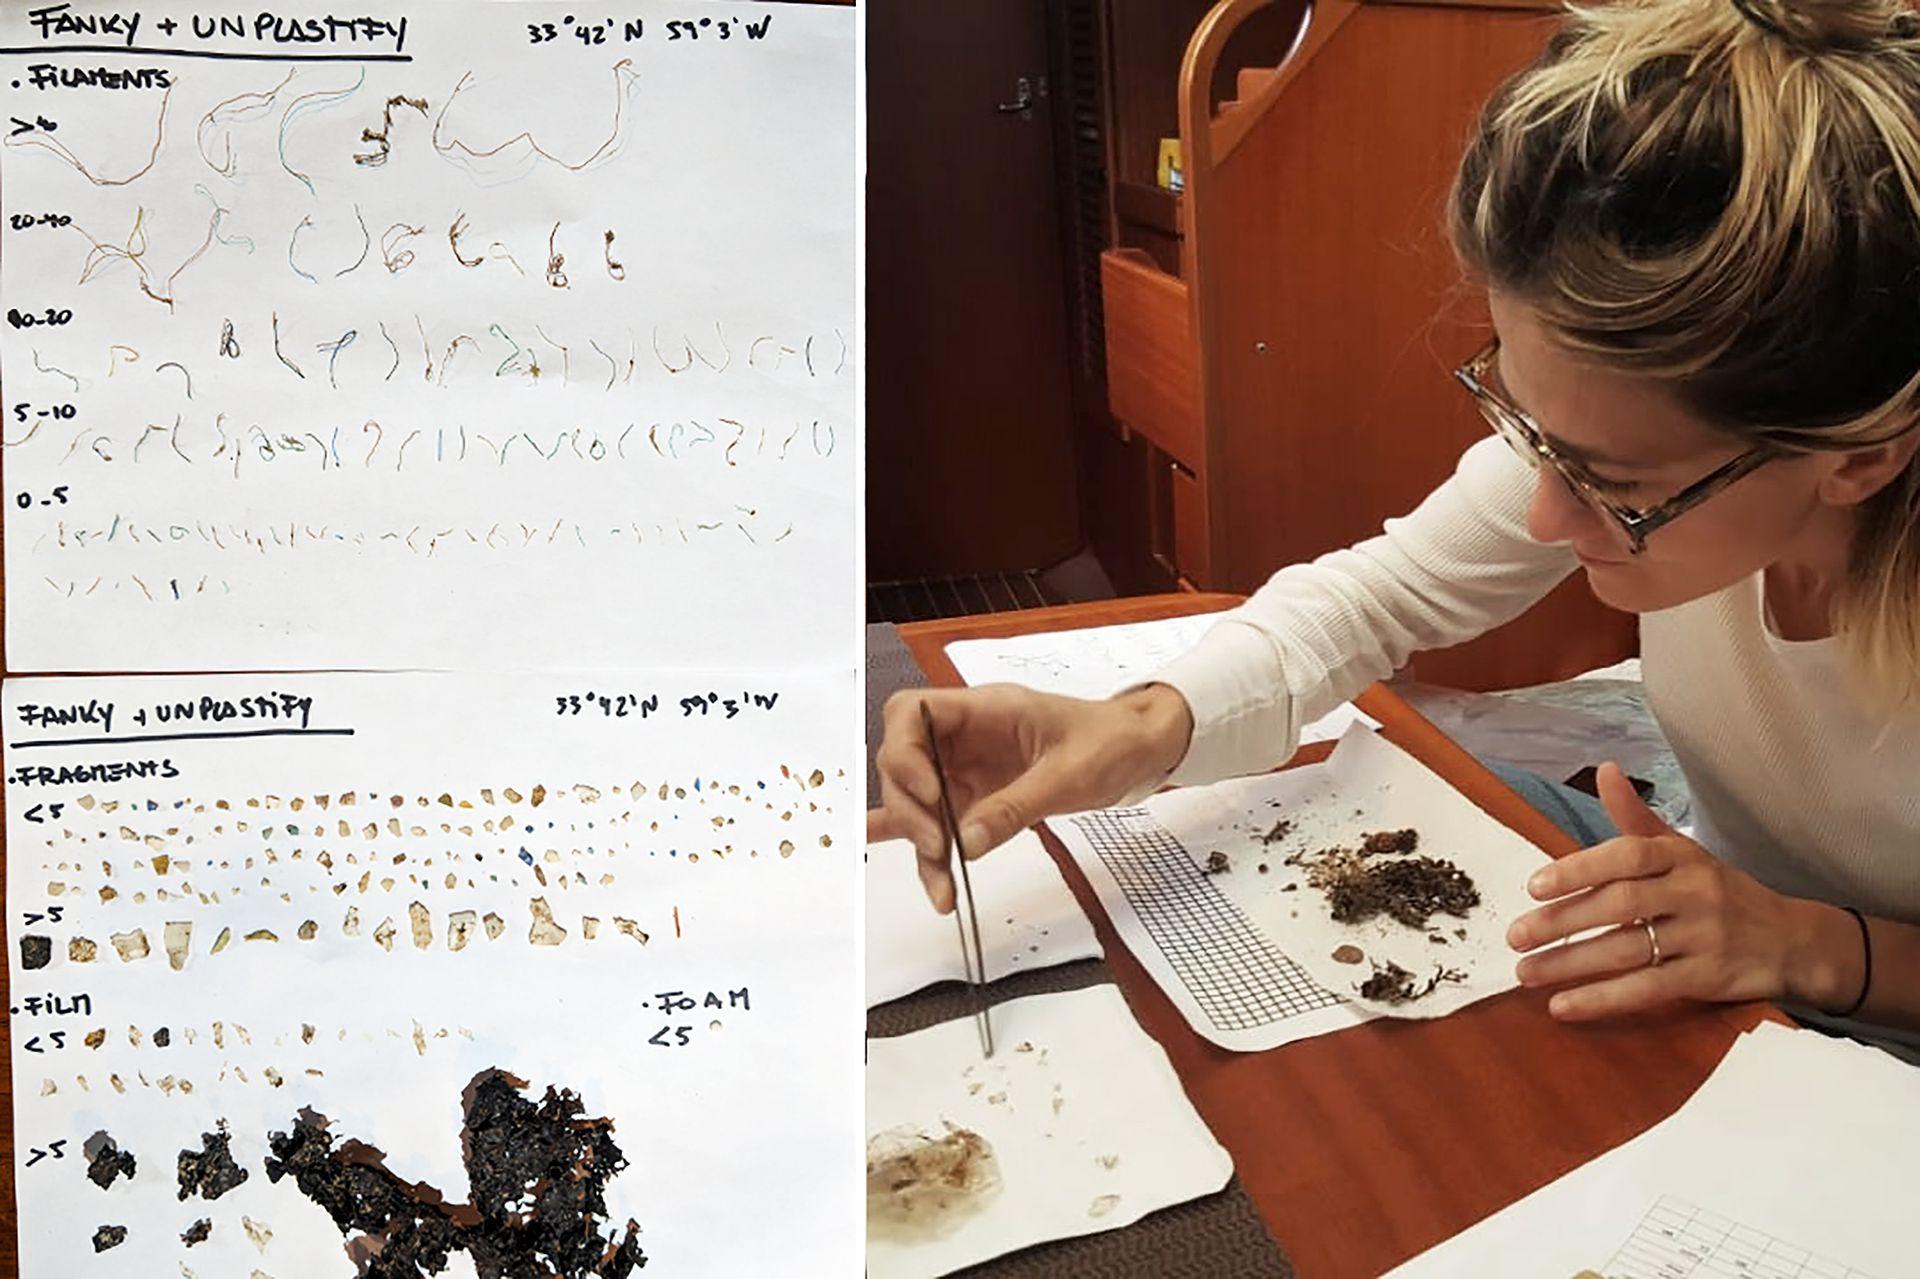 En la primera muestra que tomó en el medio del océano encontró 134 filamentos, 49 partes de film, 38 fragmentos y 5 trozos de telgopor